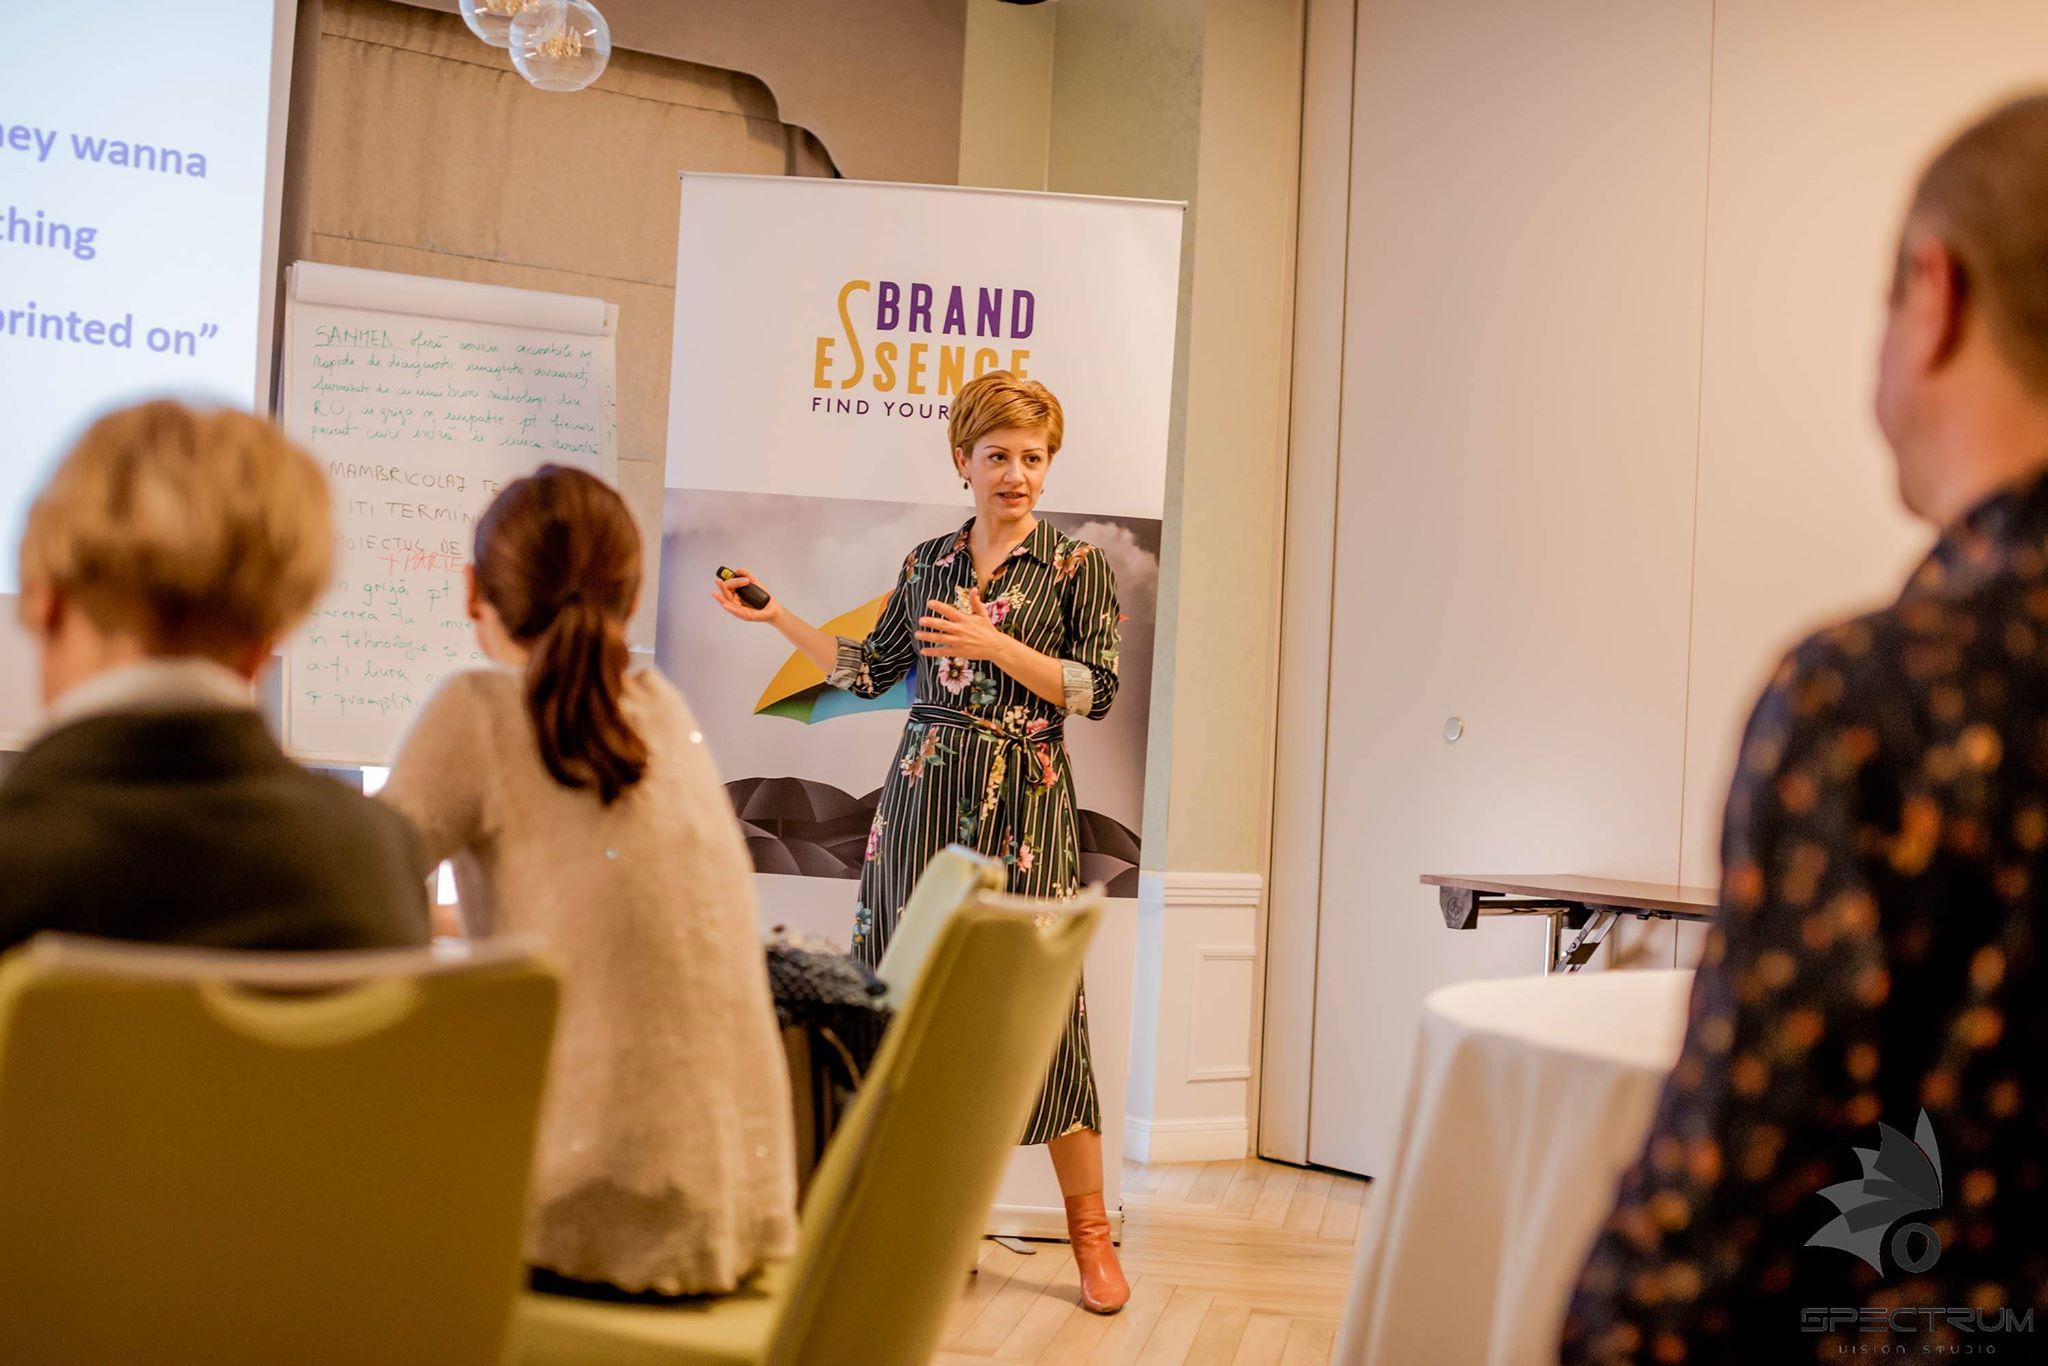 Despre Mihaela Muresan, fondatorul și trainerul Brand Essence